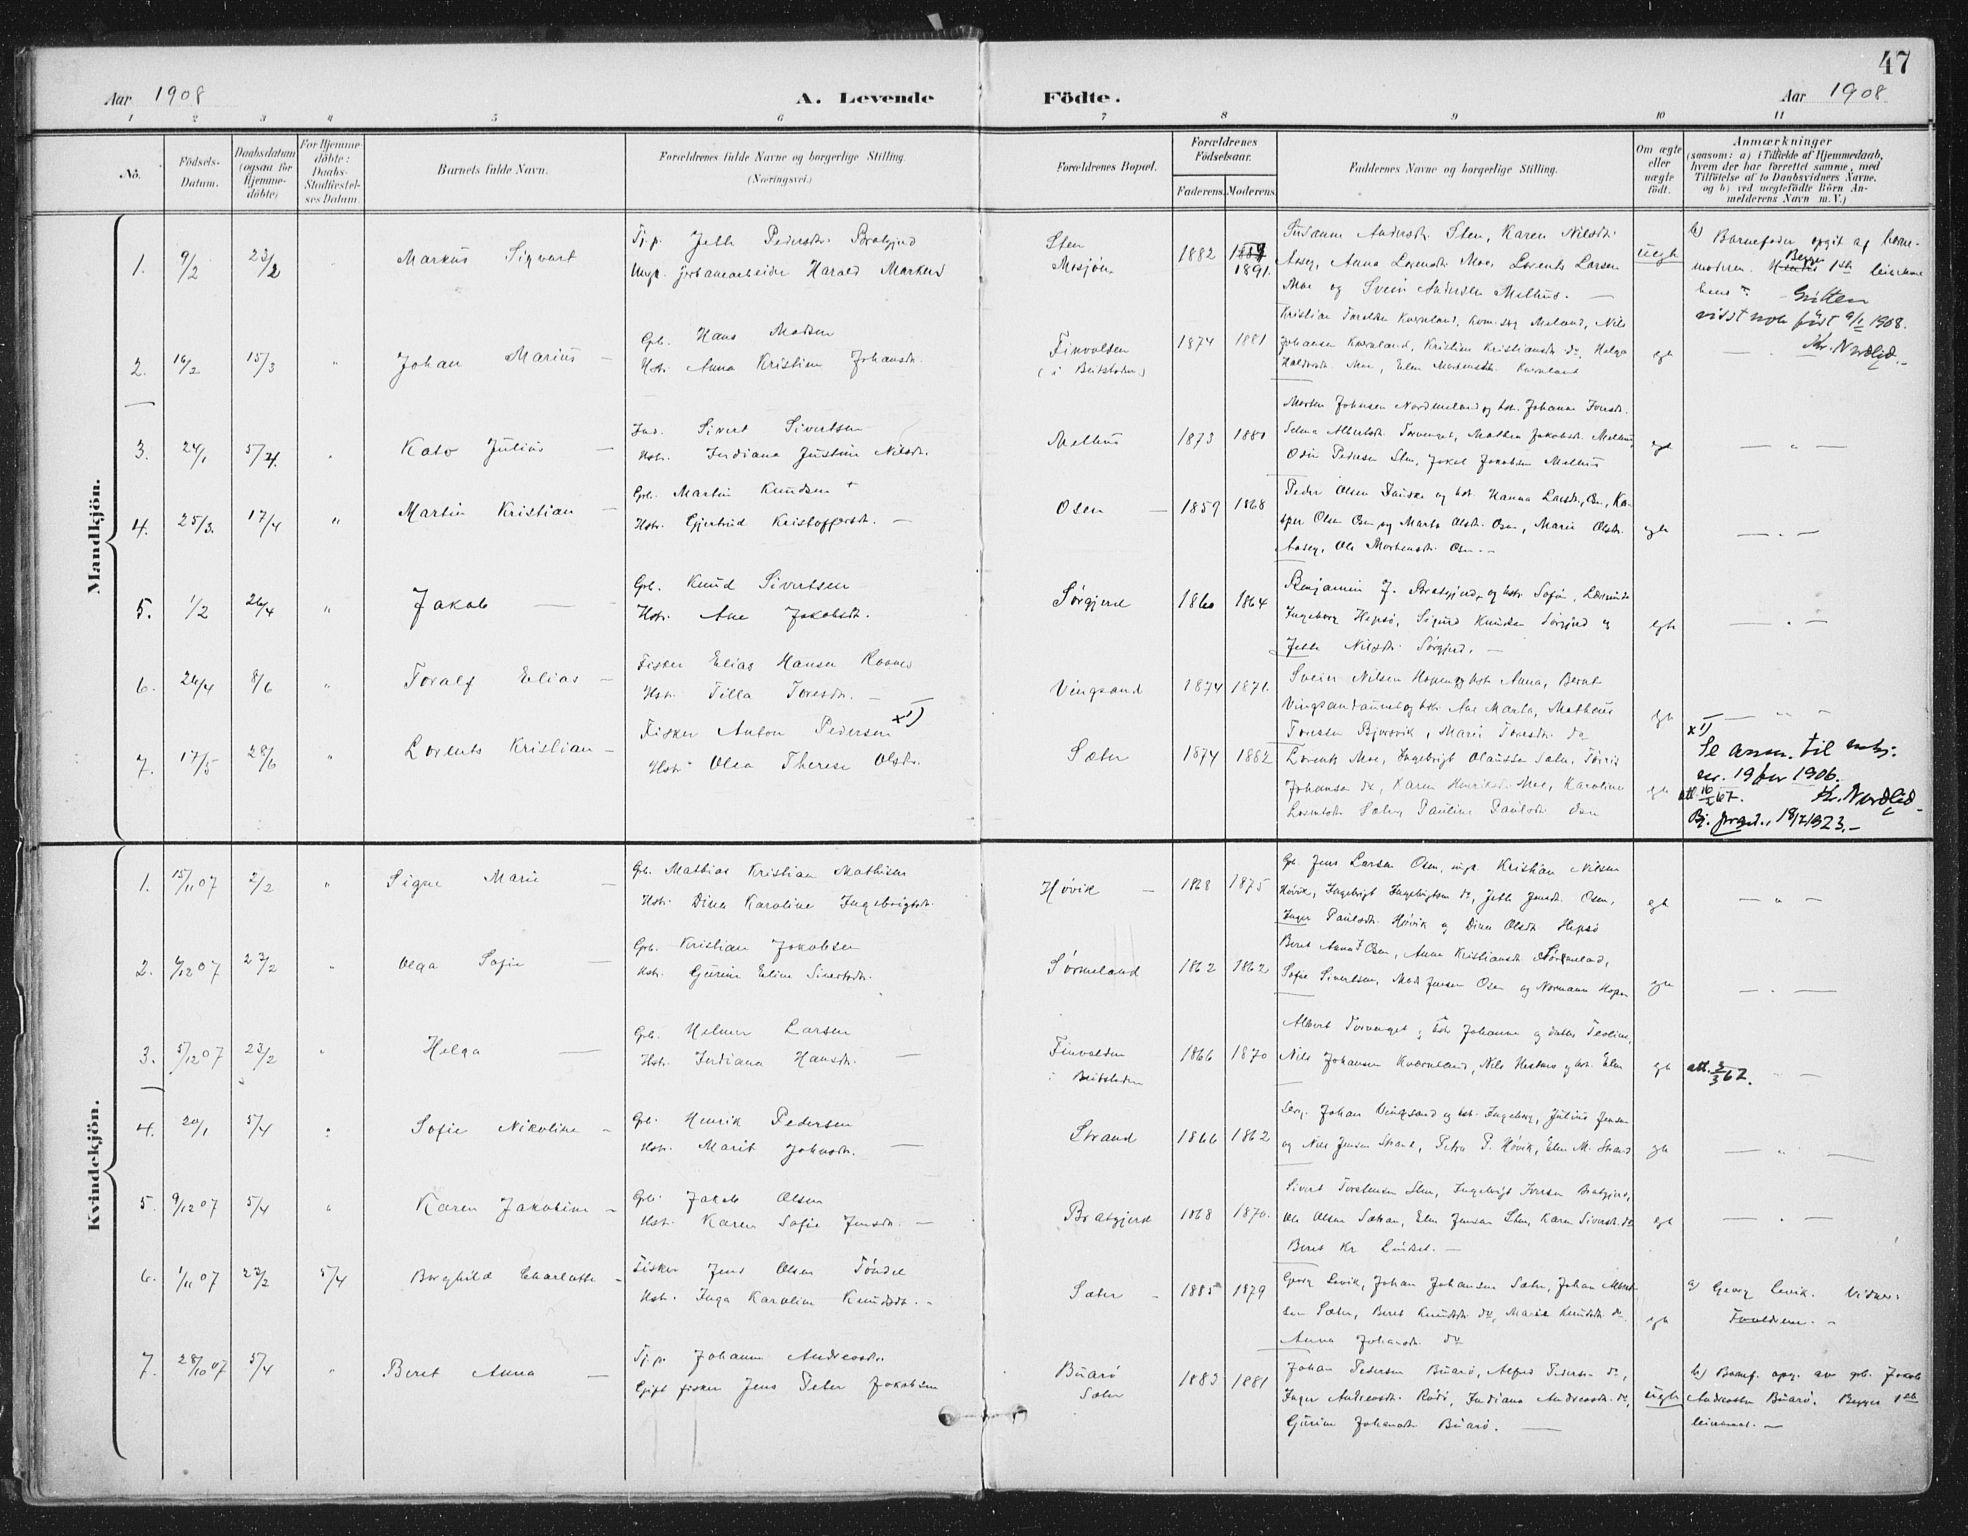 SAT, Ministerialprotokoller, klokkerbøker og fødselsregistre - Sør-Trøndelag, 658/L0723: Ministerialbok nr. 658A02, 1897-1912, s. 47